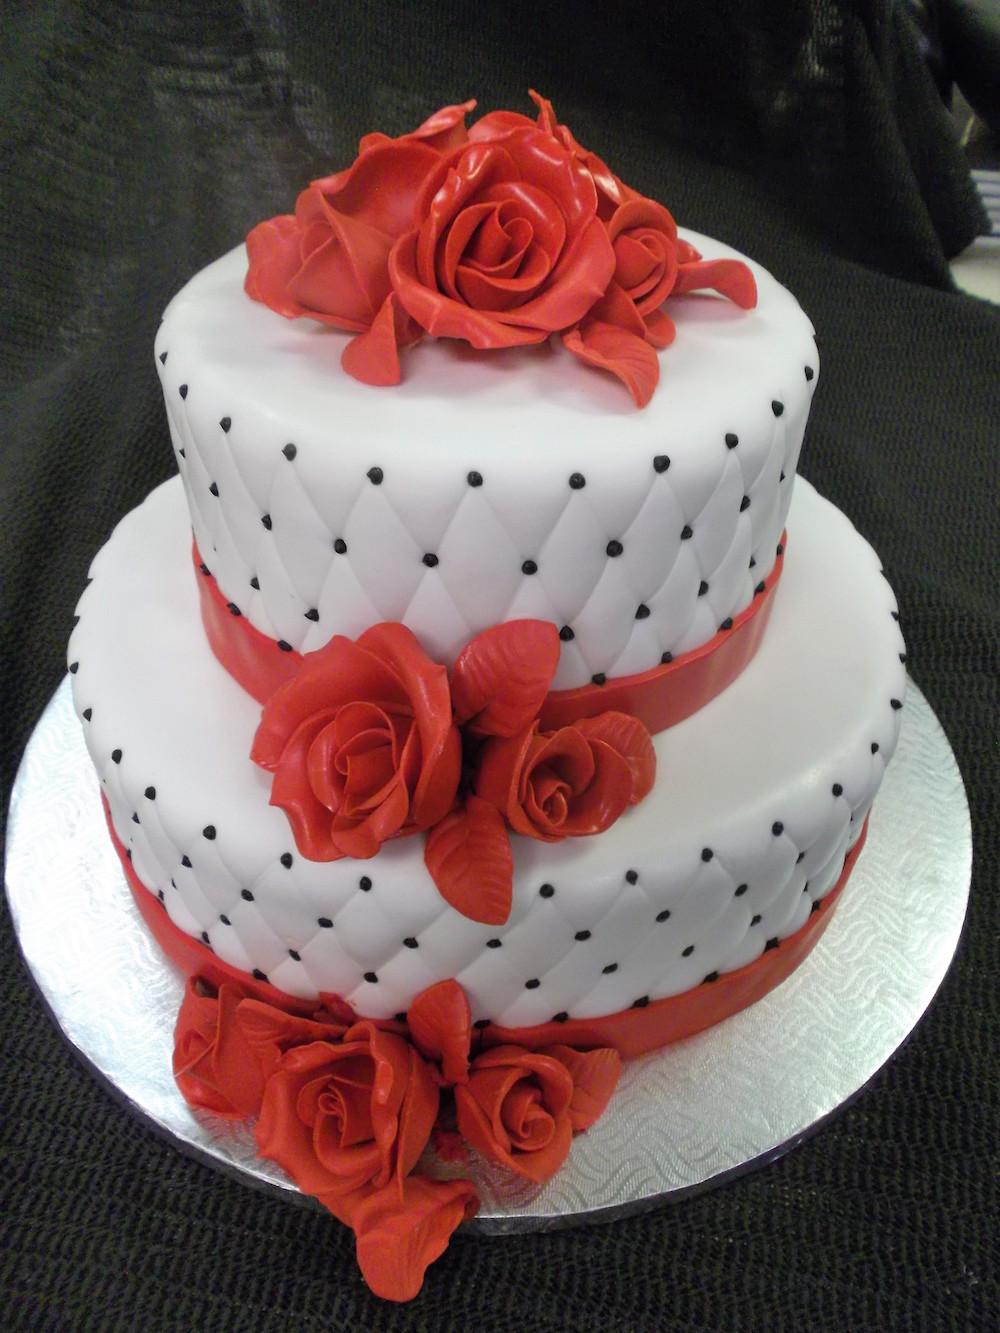 Gâteau 2 étages Roses Rouges Boulangerie Lamontagne